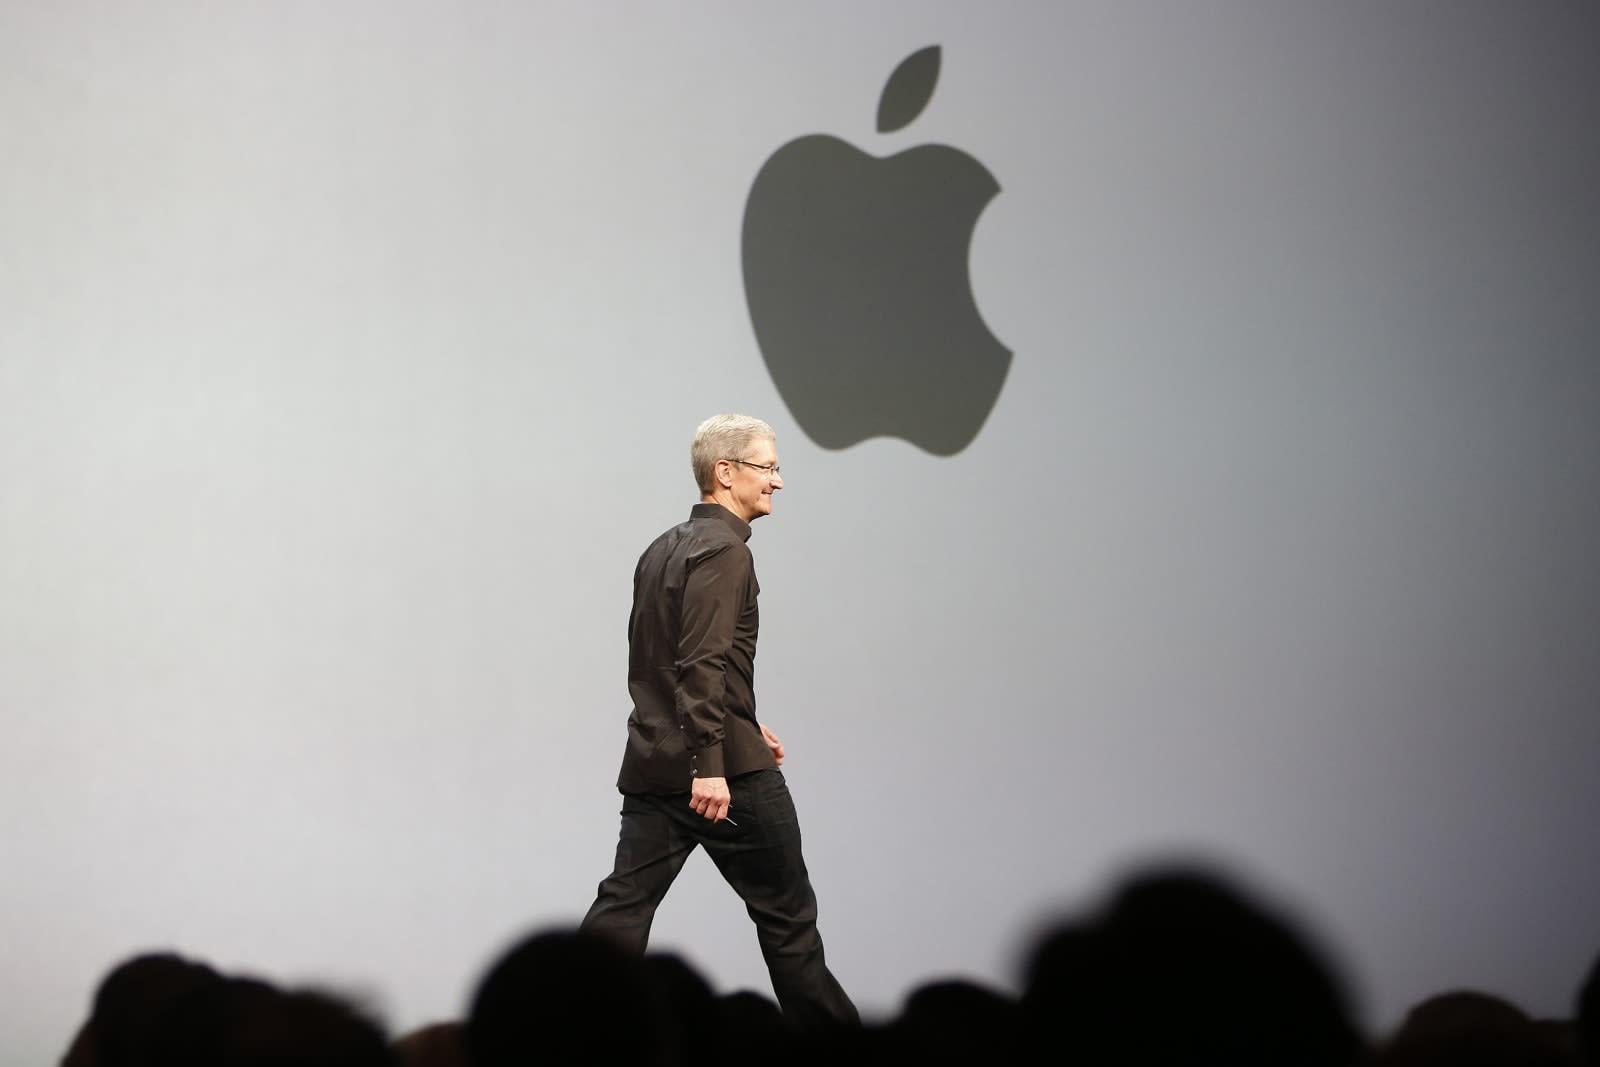 How to watch Apple's WWDC keynote